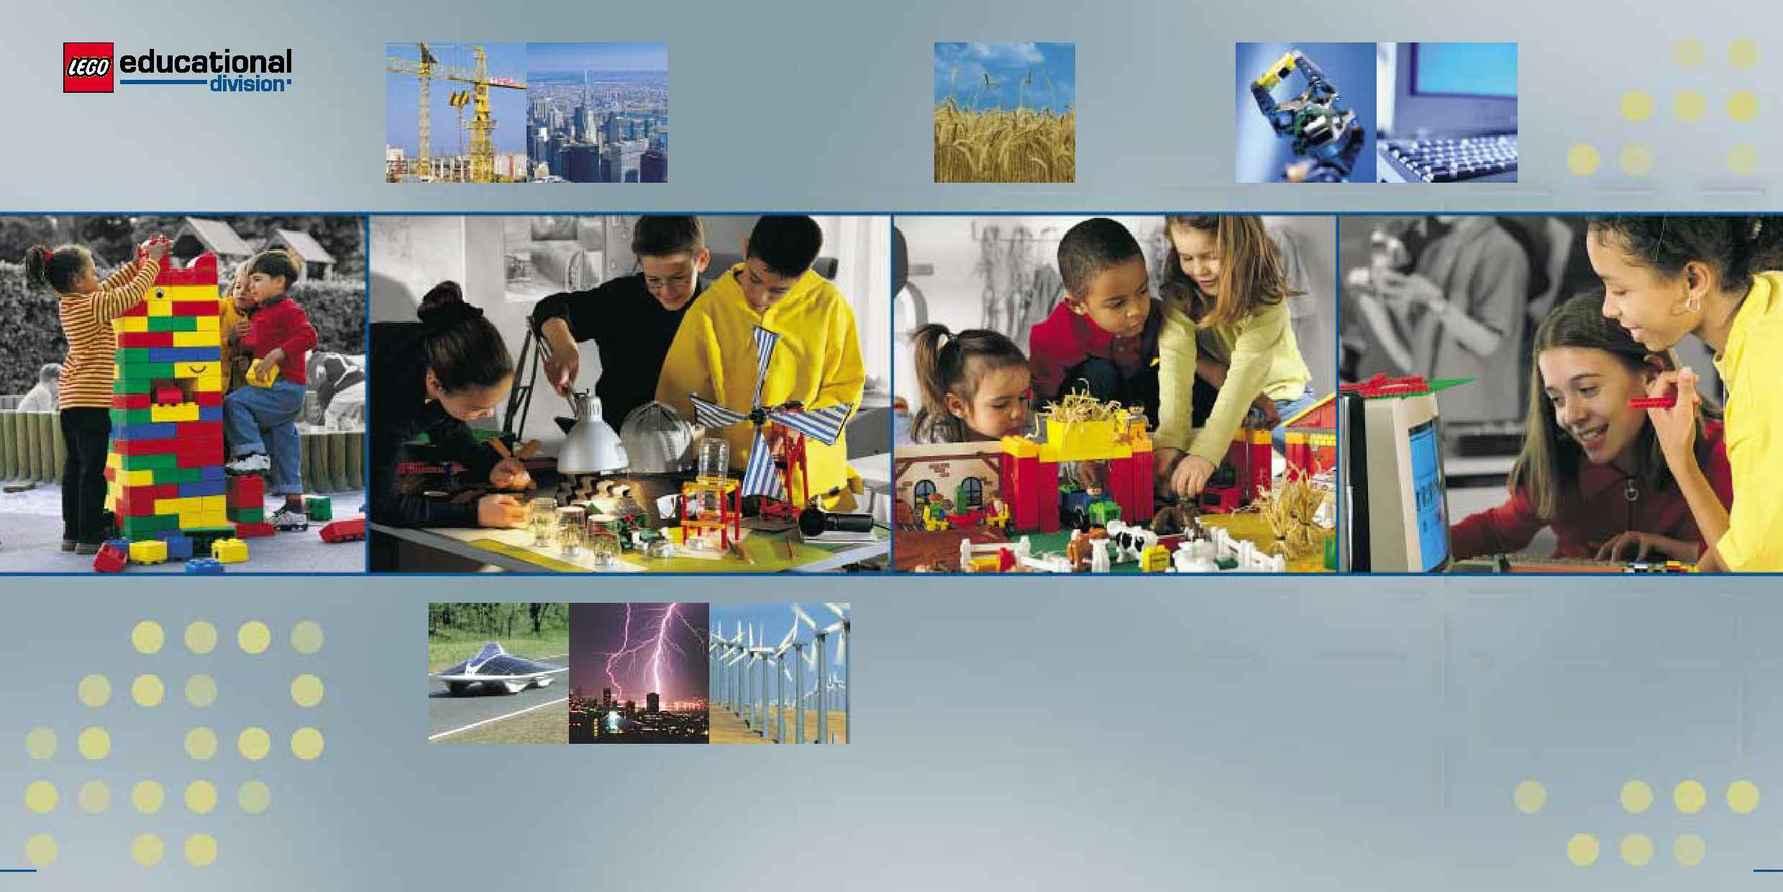 Lego - Image brochure